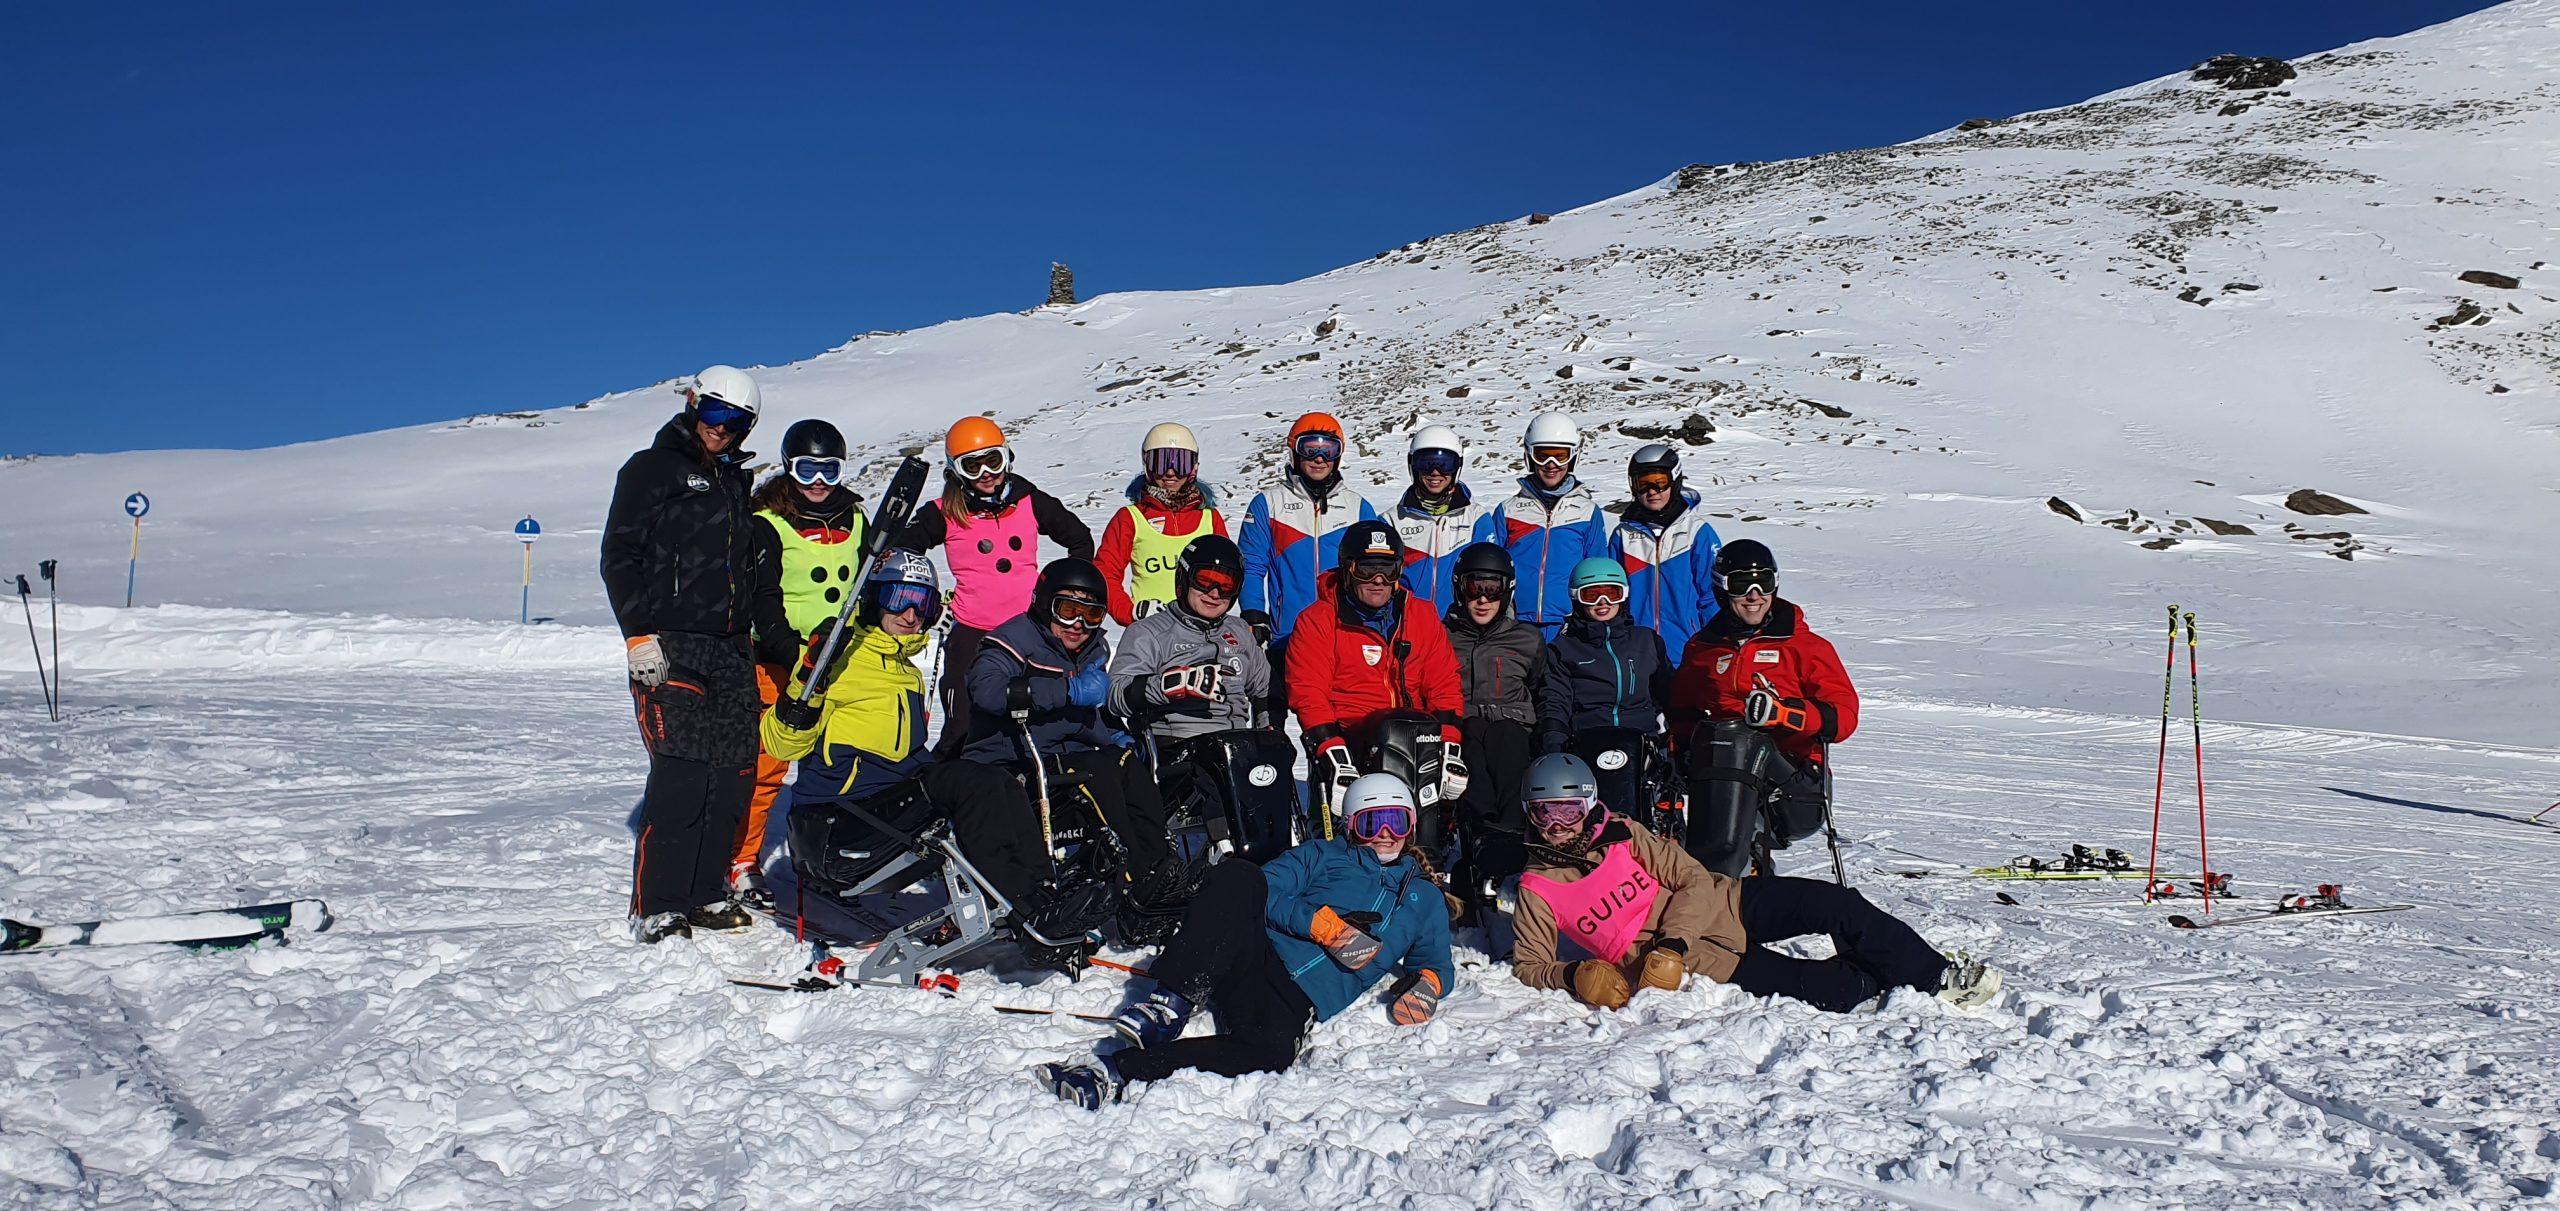 Gruppenfoto einer Para-Ski-Alpin Nachwuchsmannschaft